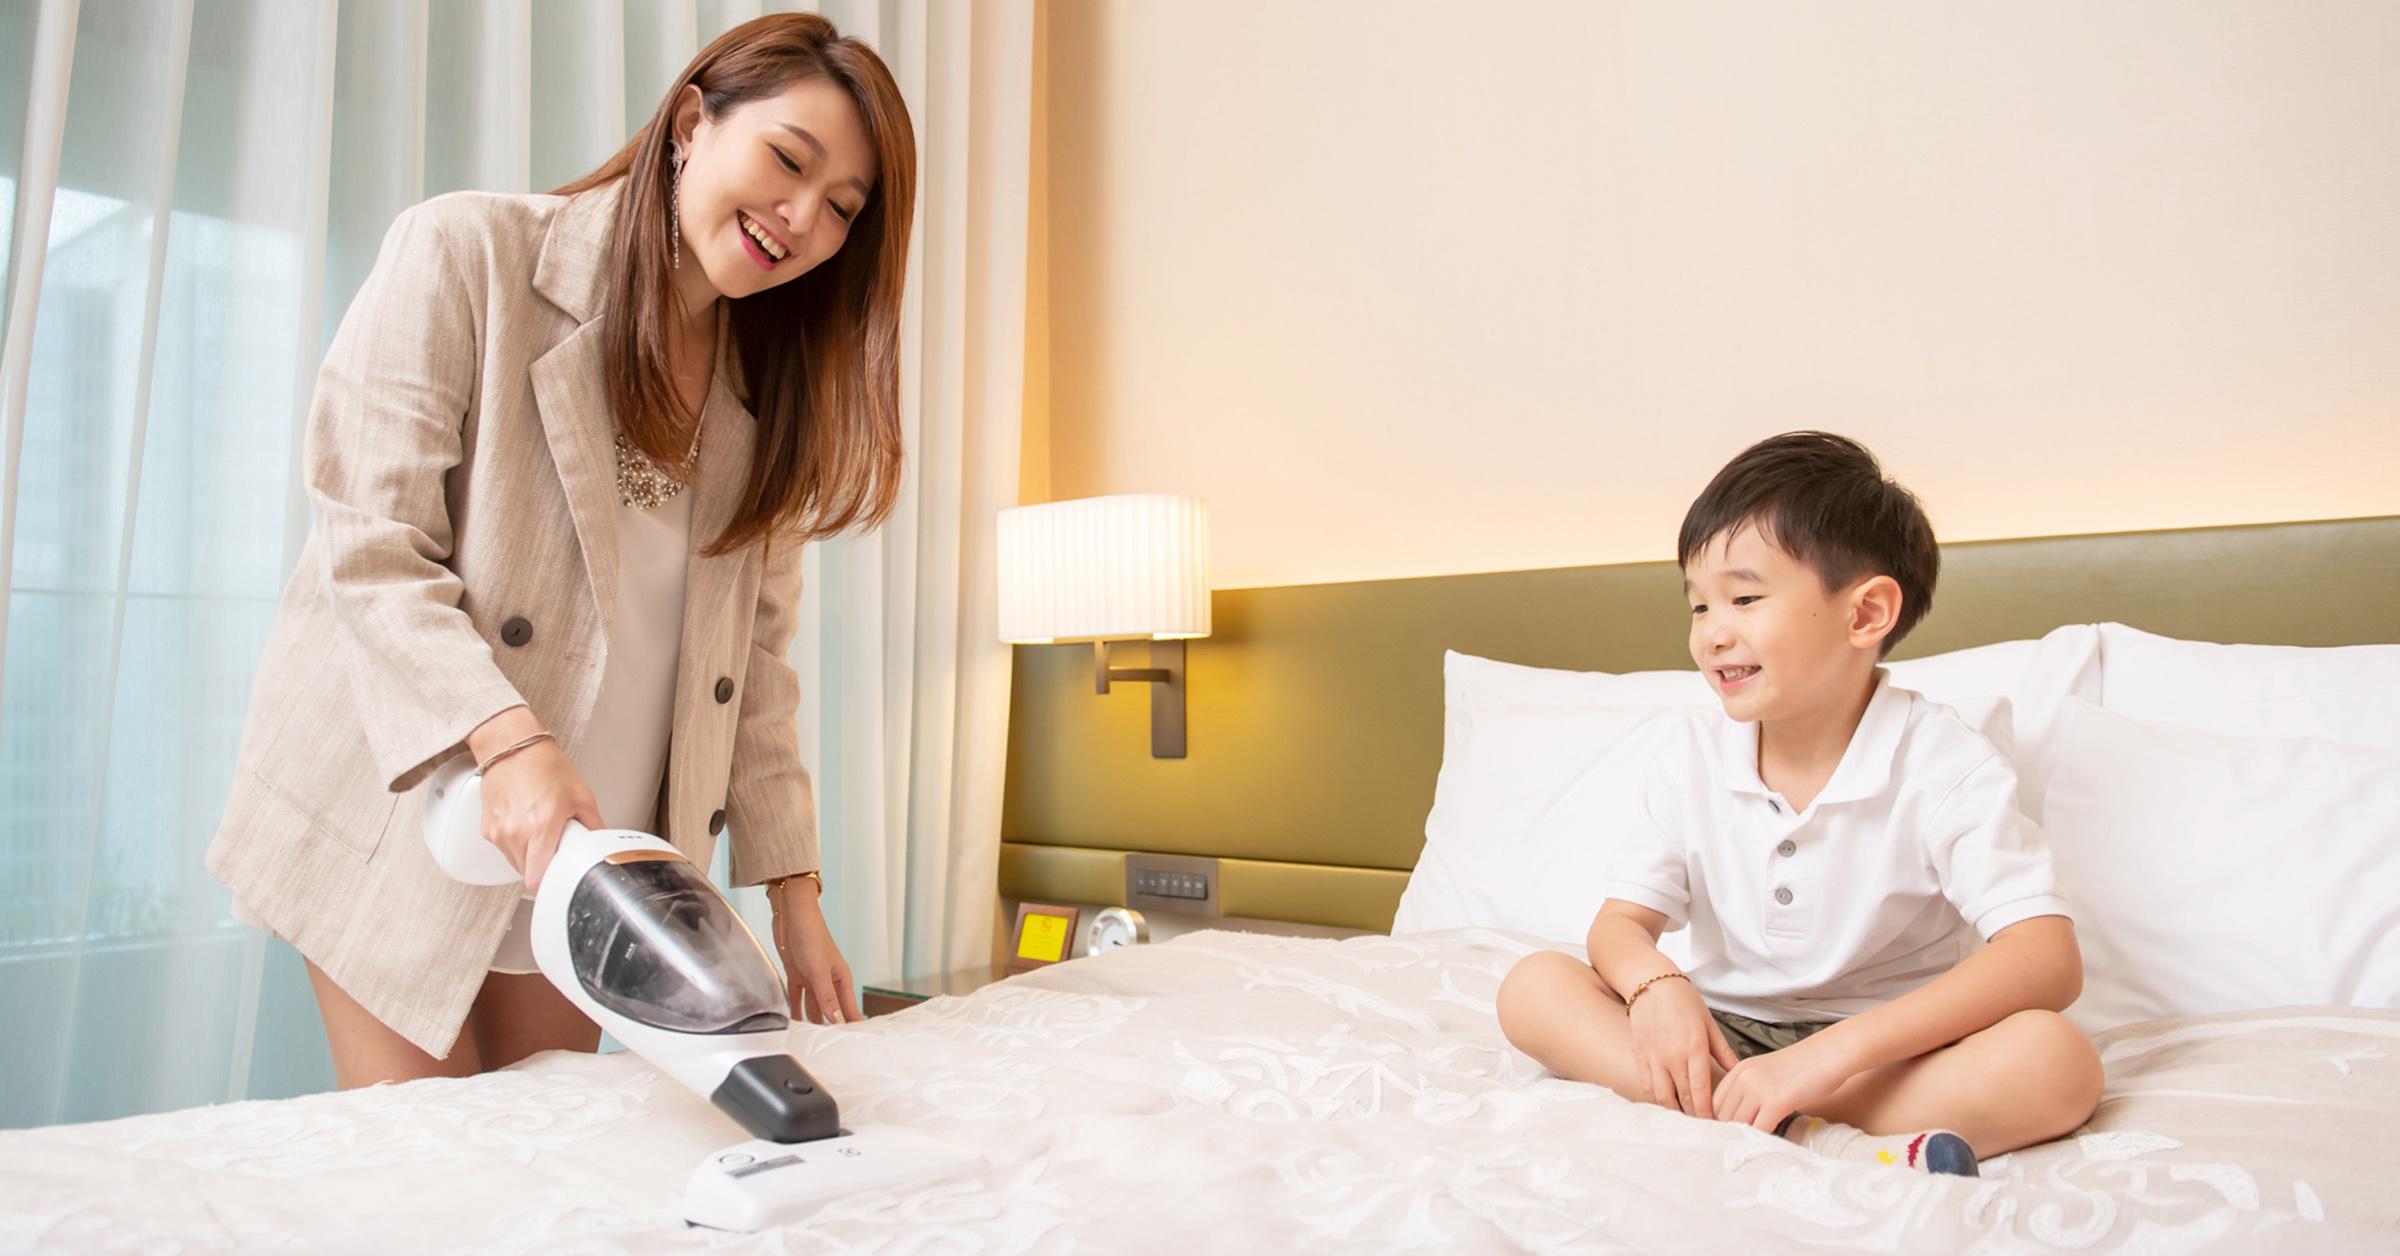 專為硬質地板而生!伊萊克斯在台灣推出PURE Q9-P雙效勁亮吸塵器!